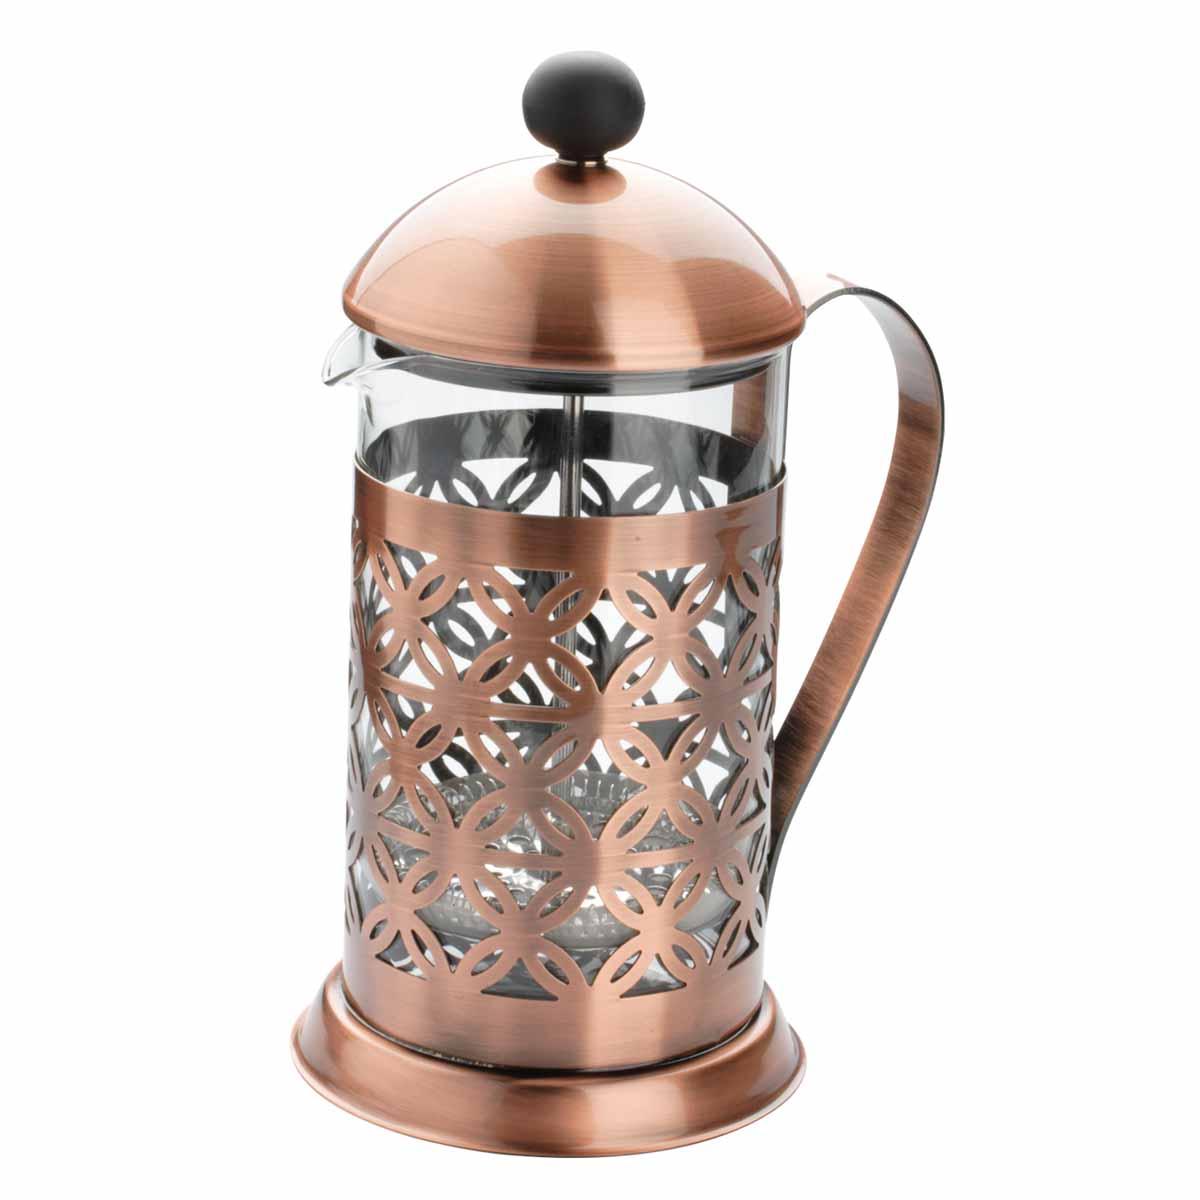 """Френч-пресс Dekok """"Vintage"""" легко  разбирается и моется. Колба выполнена из жаропрочного стекла. Корпус, крышка и  поршень изготовлены из нержавеющей стали. Конструкция носика """"антикапля"""" удобна для  разливания напитков в чашки. Прозрачные стенки чайника дают возможность наблюдать за  насыщением напитка, а поршень позволяет с легкостью  отжать заварочную гущу и получить напиток с насыщенным  вкусом.  Френч-пресс Dekok """"Vintage"""" займет достойное место среди аксессуаров на  вашей кухне.  Не рекомендуется мыть в посудомоечной машине.  Диаметр (по верхнему краю): 9,5 см.  Высота чайника (без учета крышки): 17,5  см."""